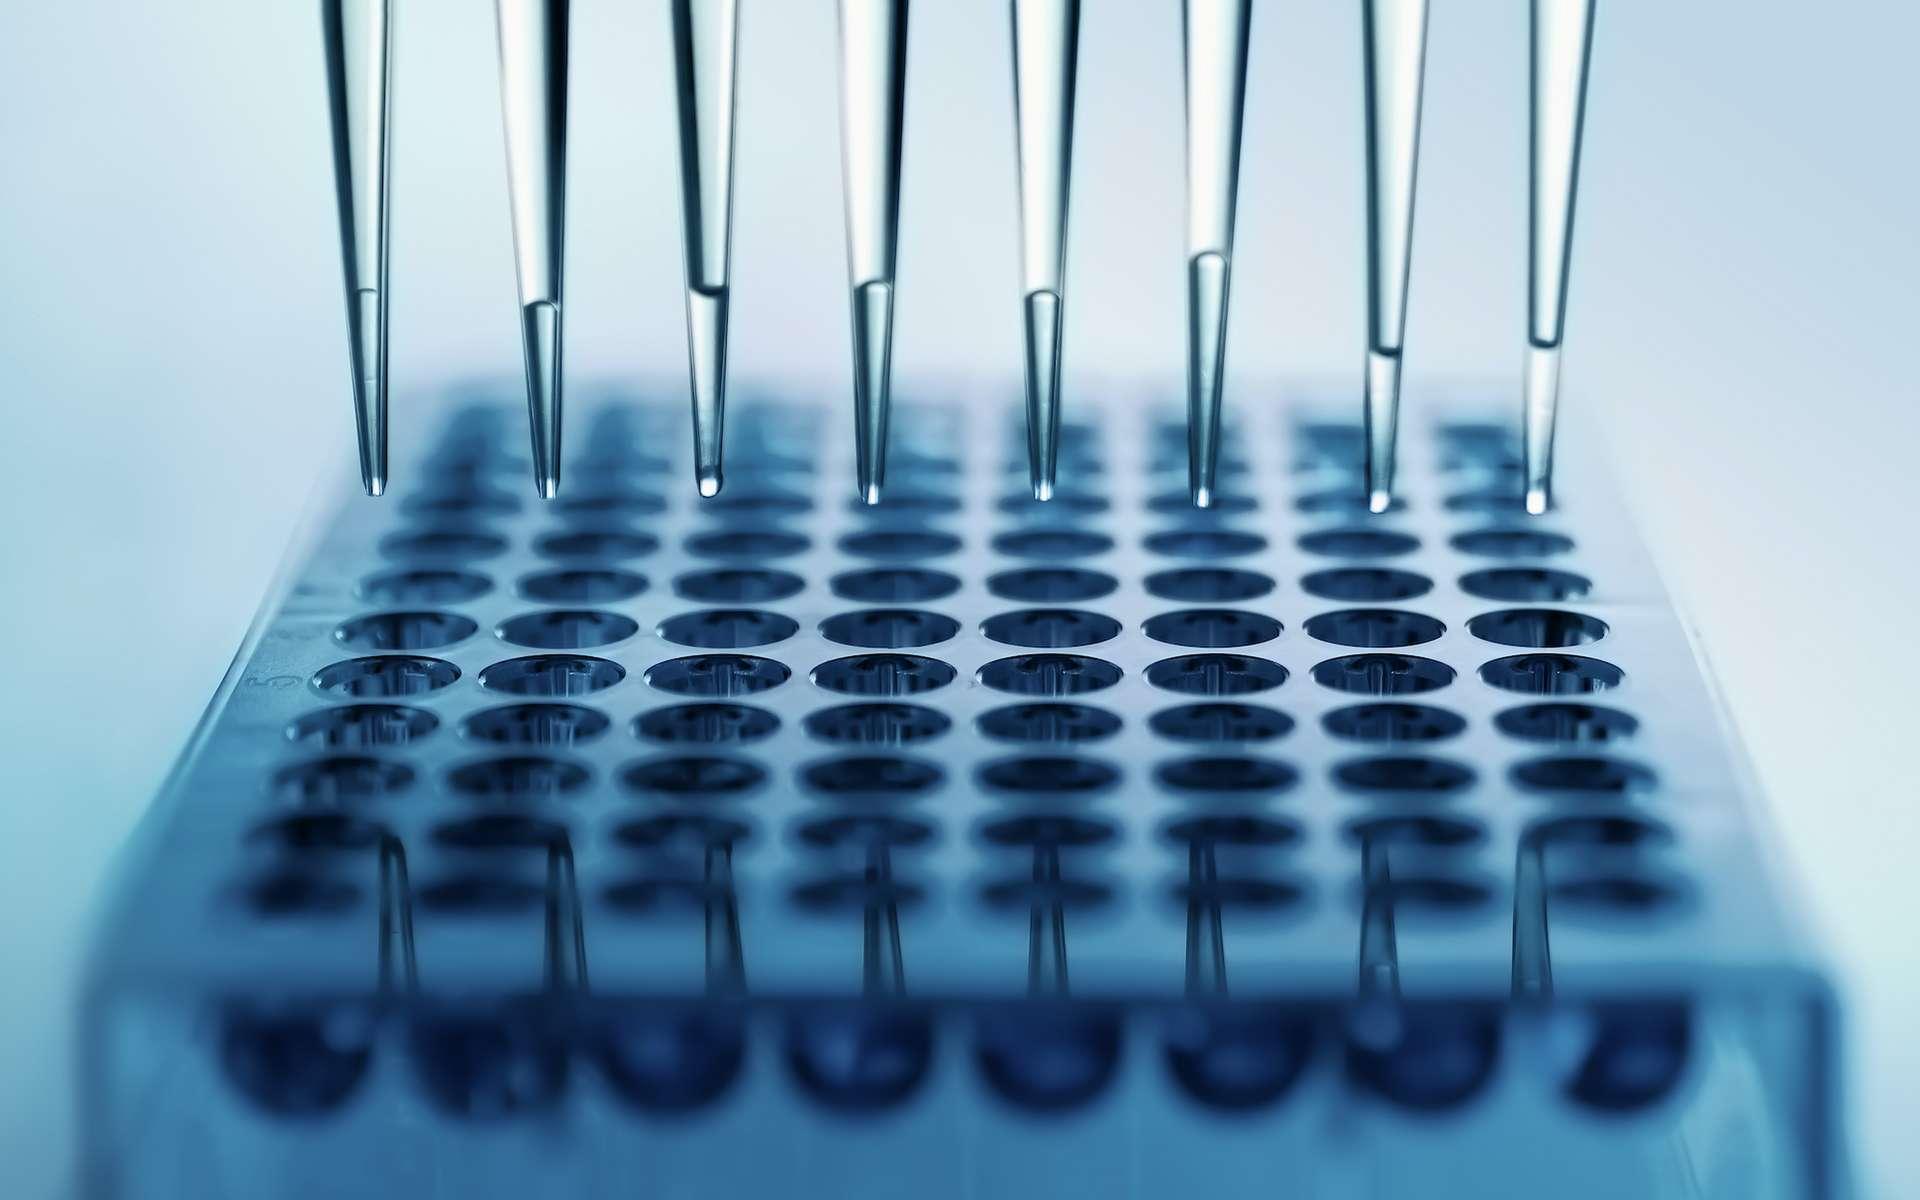 La microfluidique permet de miniaturiser les expériences biologiques et chimiques. © angellodeco, Adobe Stock